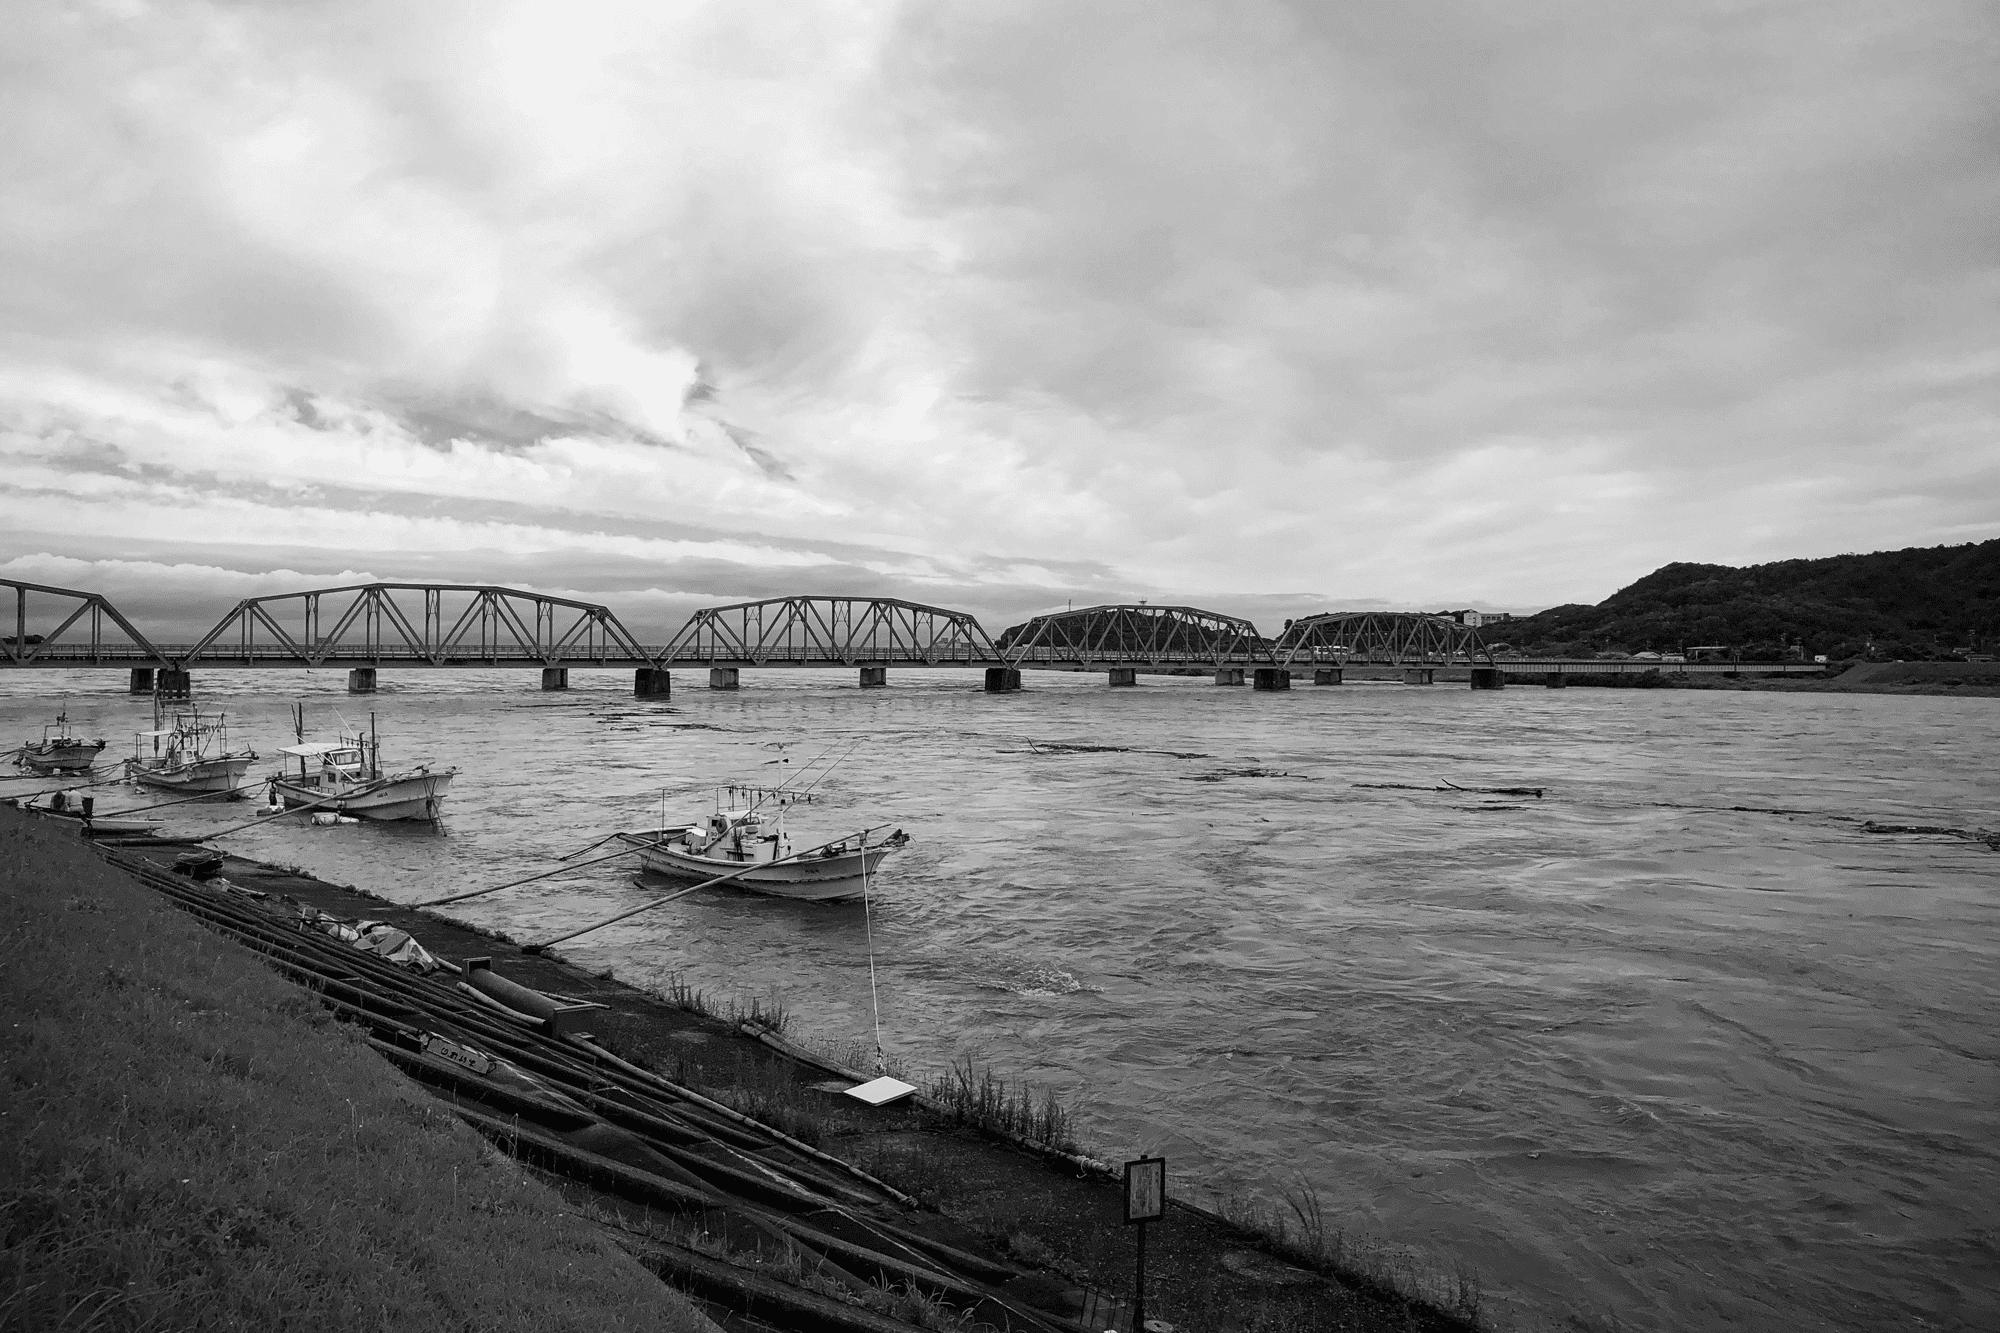 川の氾濫がある町に